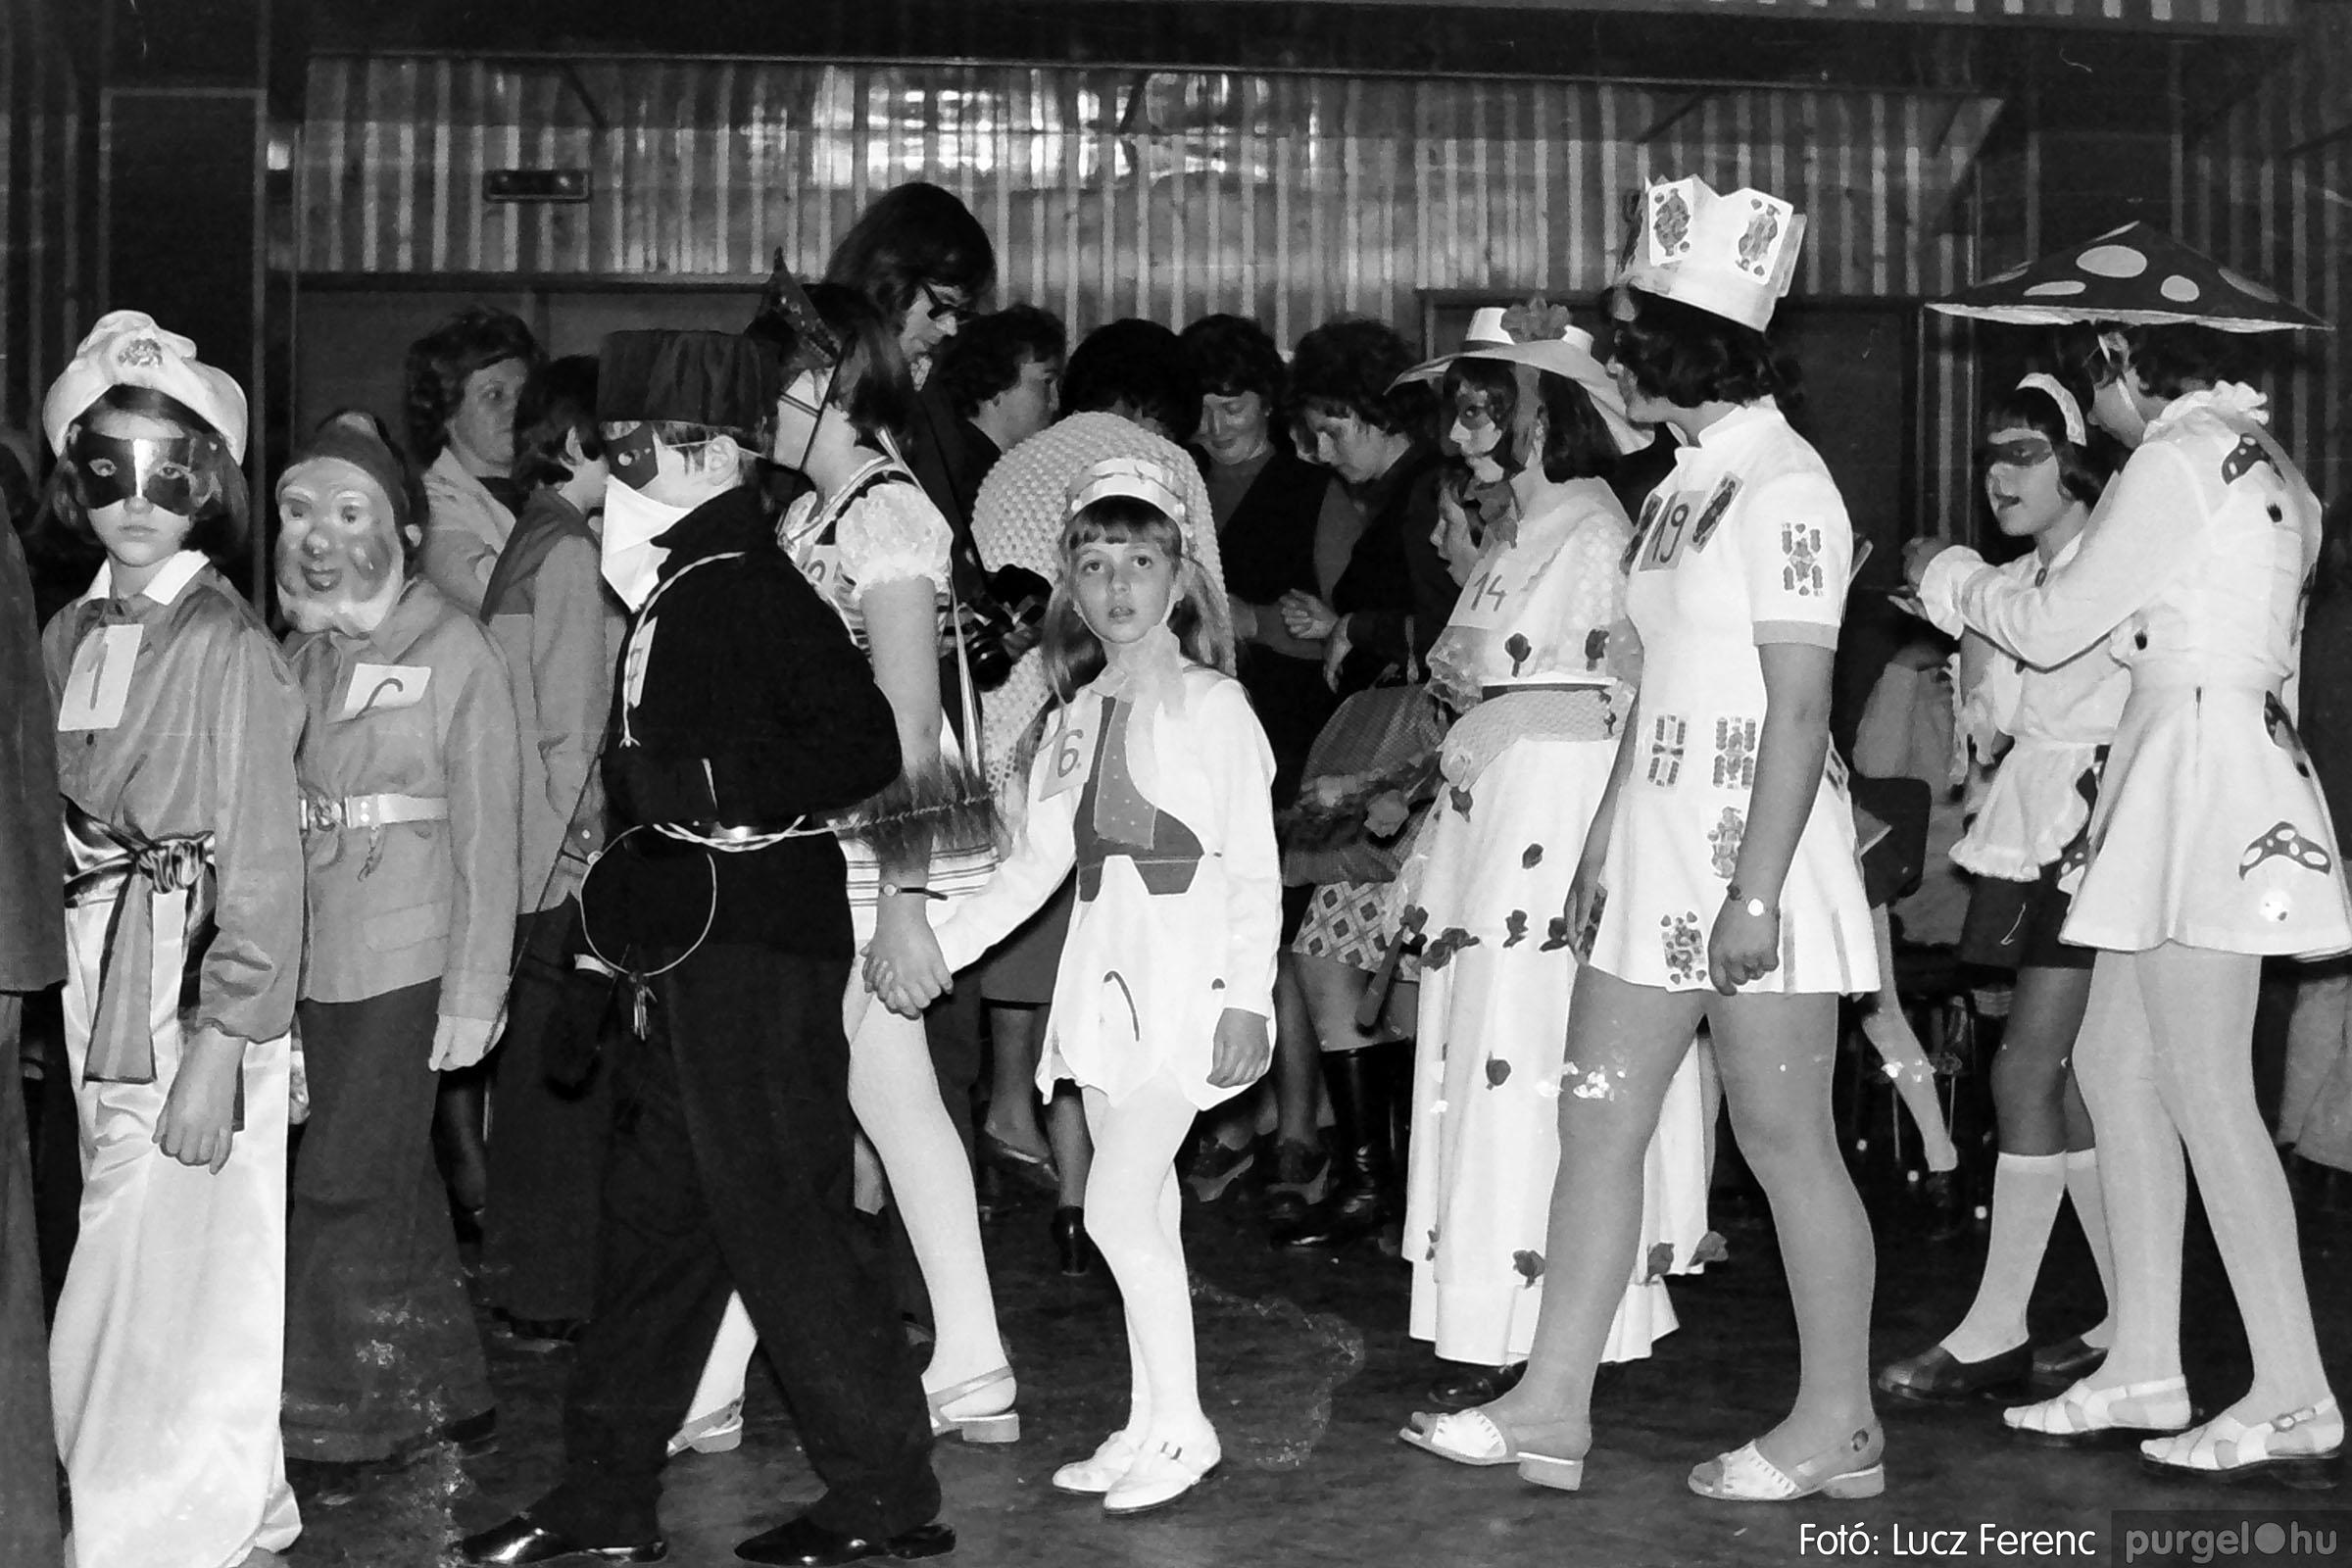 035. 1976. Iskolai farsang a kultúrházban 013 - Fotó: Lucz Ferenc.jpg